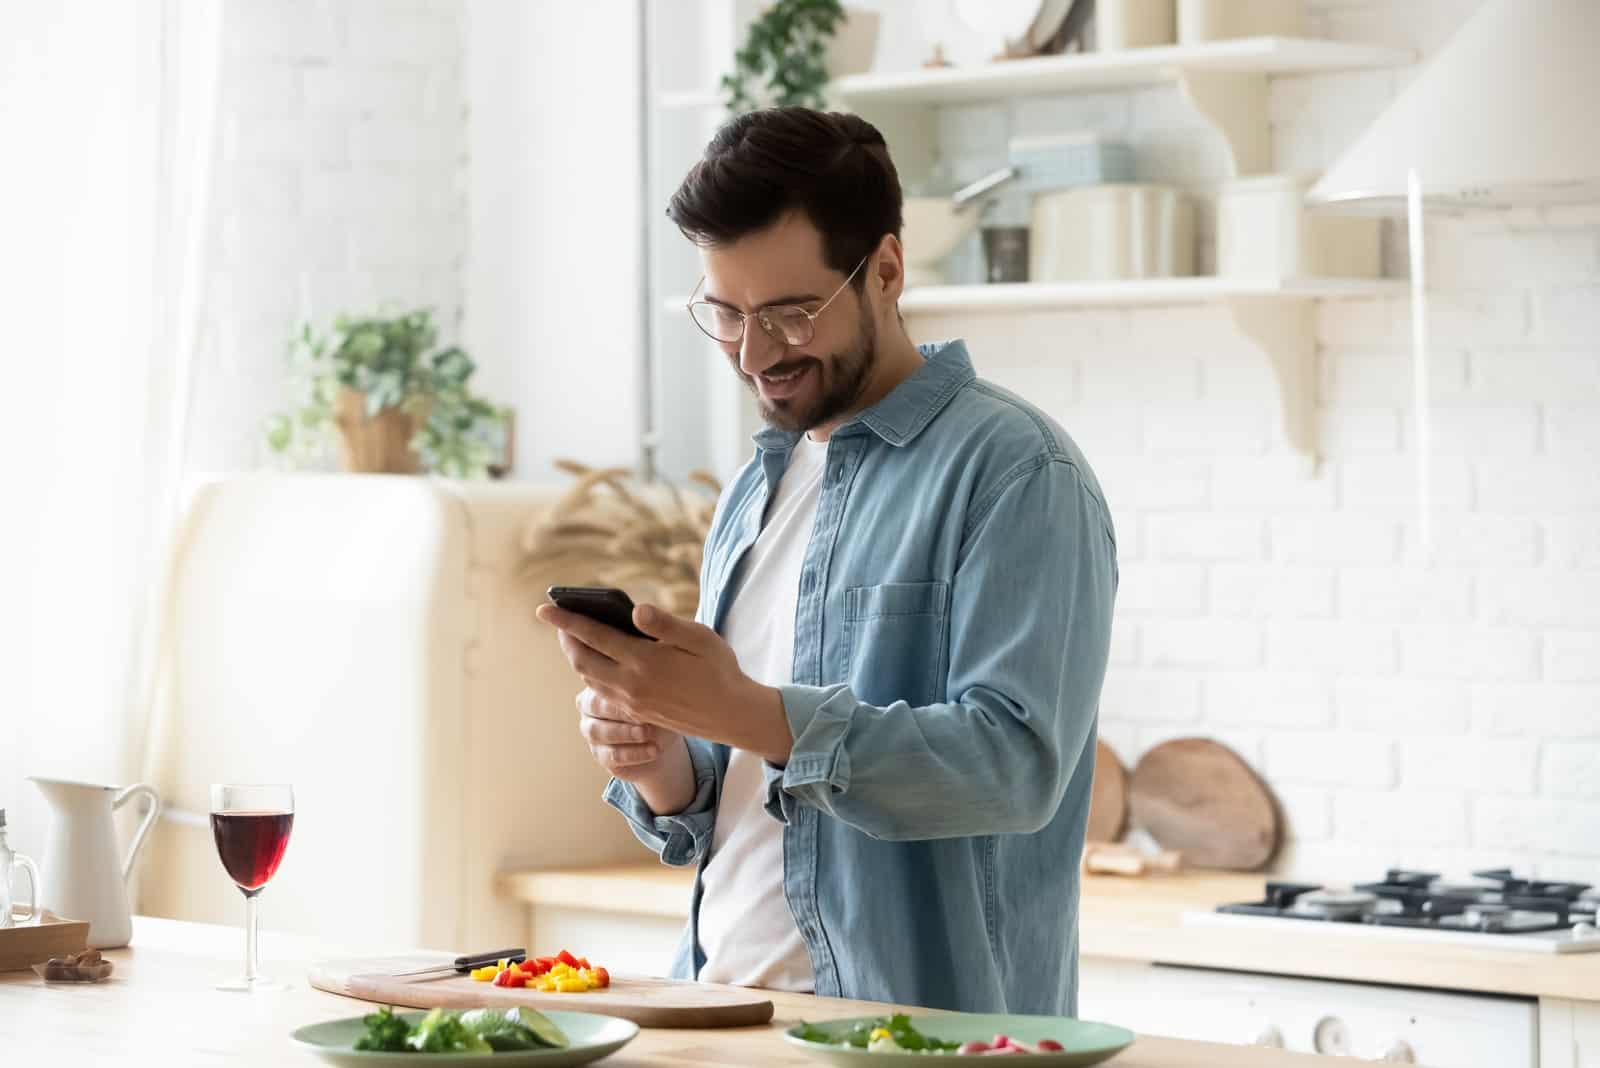 un homme avec des lunettes sur la tête est debout dans la cuisine et un bouton sur le téléphone